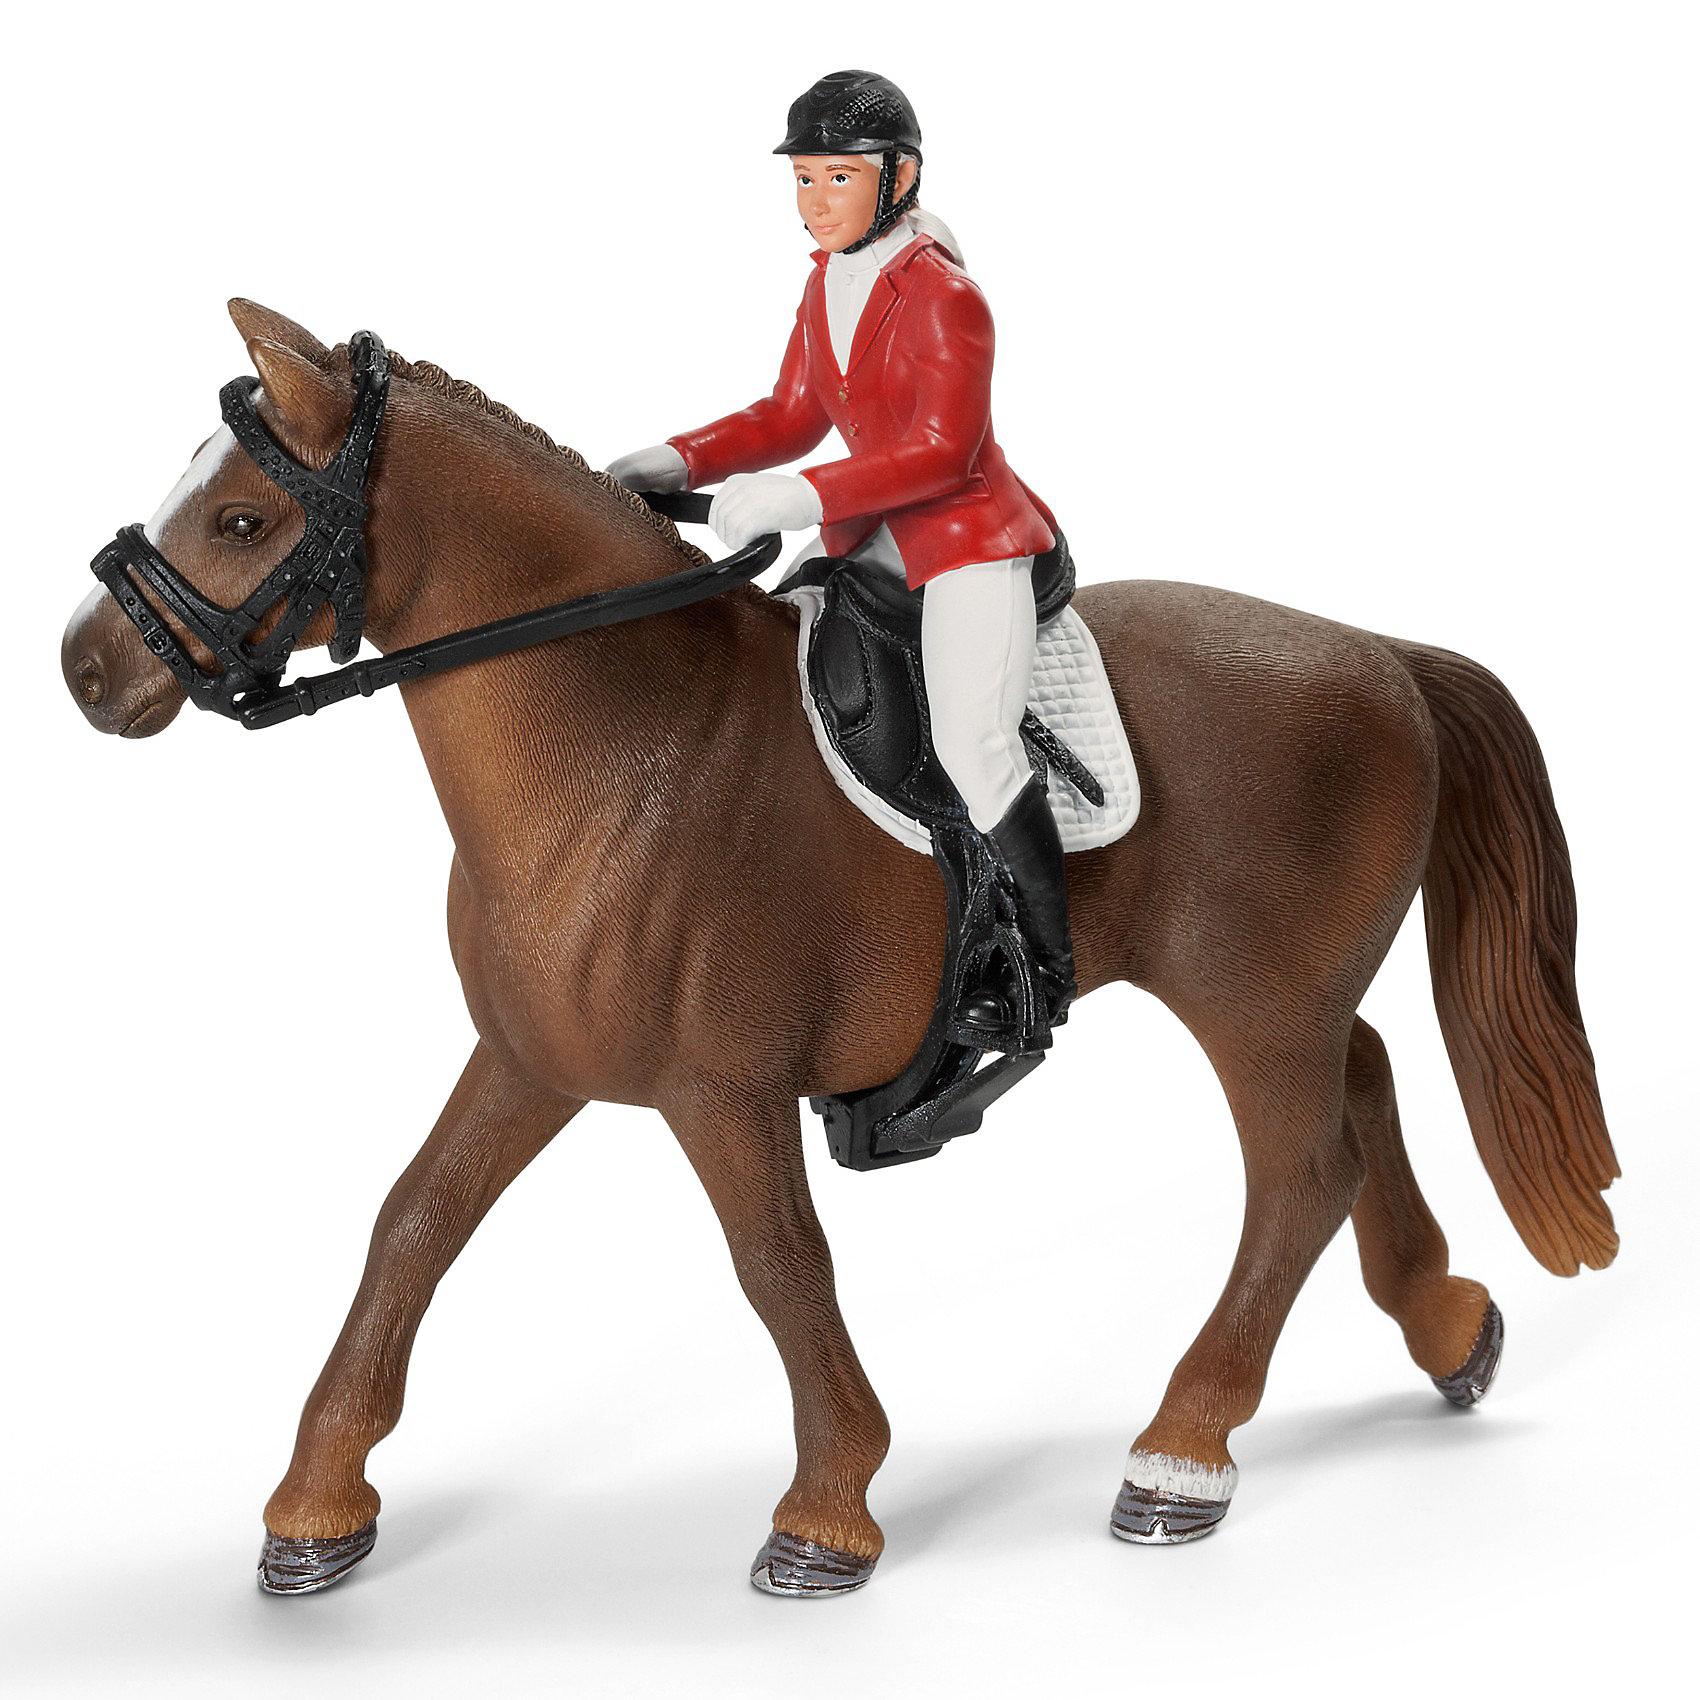 Набор для конкура с наездницей (без лошади), SchleichНабор для конкура с наездницей (без лошади), Schleich (Шляйх). Юная смелая наездница в красном пиджаке, белых перчатках и брюках обязательно выиграет скачки. Ну а если она устанет, можно уютно расположиться на мягком клетчатом седле в тени деревьев и немного передохнуть.<br><br>Дополнительная информация:<br><br>-все элементы набора выполнены с реалистичной точностью, раскрашены вручную нетоксичными красками<br>-размеры (ДхШхВ): 5,5х9х11,5<br>-в наборе: наездница с аксессуарами.<br>-материал: высококачественный пластик<br><br>Внимание! Лошадь в комплект не входит, но к наезднице подходит любая лошадь от Schleich (Шляйх).<br><br>Яркая элегантная наездница сможет стать прекрасным украшением вашей коллекции игрушек Schleich (Шляйх). <br><br>Набор для конкура с наездницей (без лошади), Schleich (Шляйх) можно купить в нашем магазине<br><br>Ширина мм: 120<br>Глубина мм: 91<br>Высота мм: 58<br>Вес г: 52<br>Возраст от месяцев: 36<br>Возраст до месяцев: 96<br>Пол: Женский<br>Возраст: Детский<br>SKU: 3164153